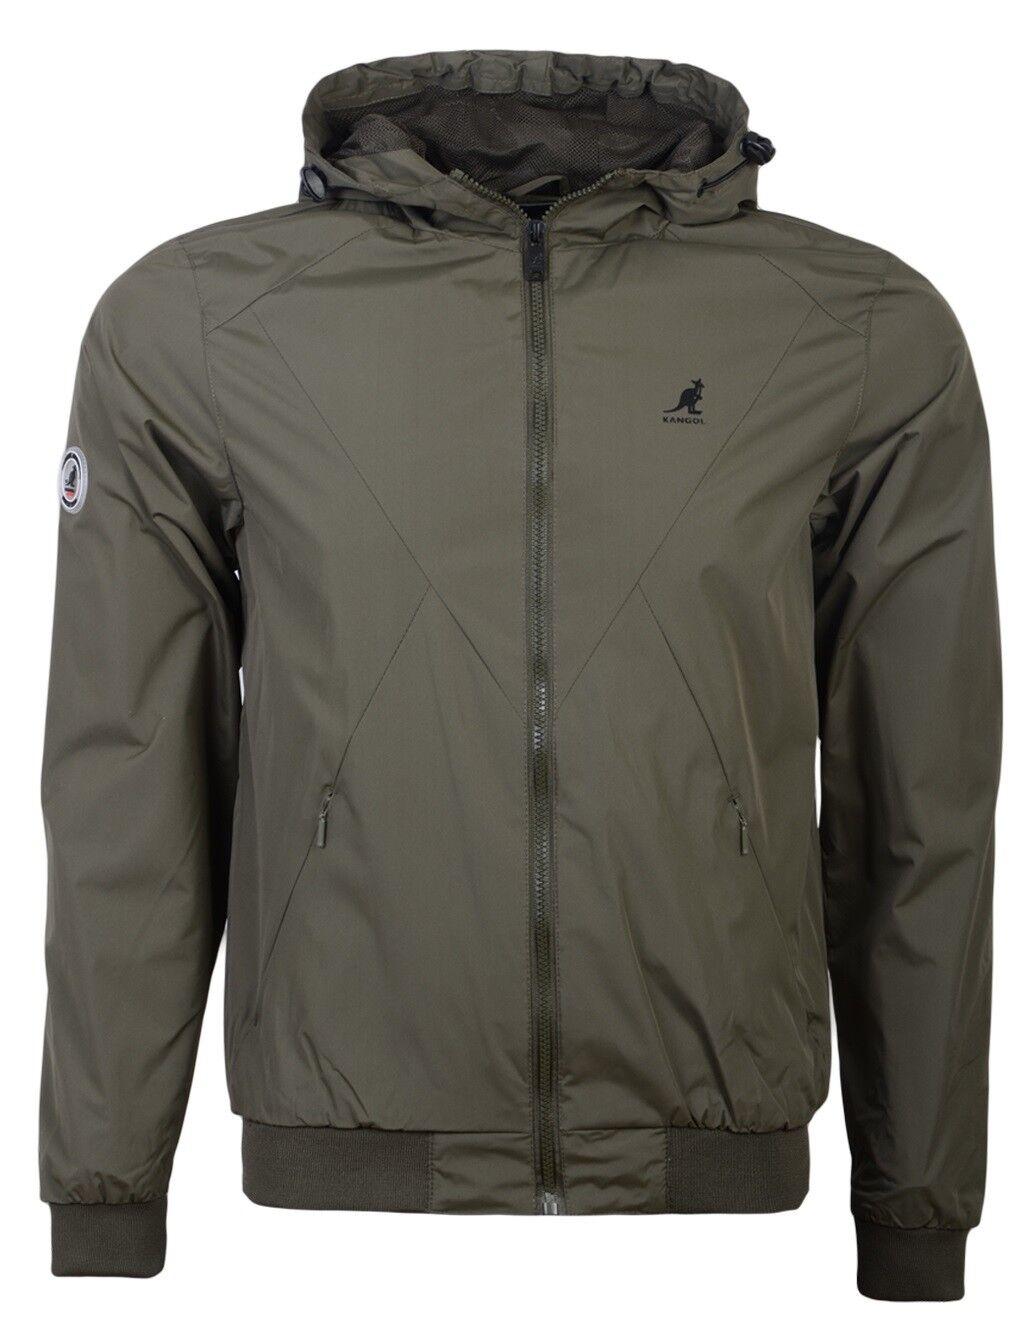 Craghoppers Mens VentaLite Water Resistant Hooded Packable Jacket 58/% OFF RRP